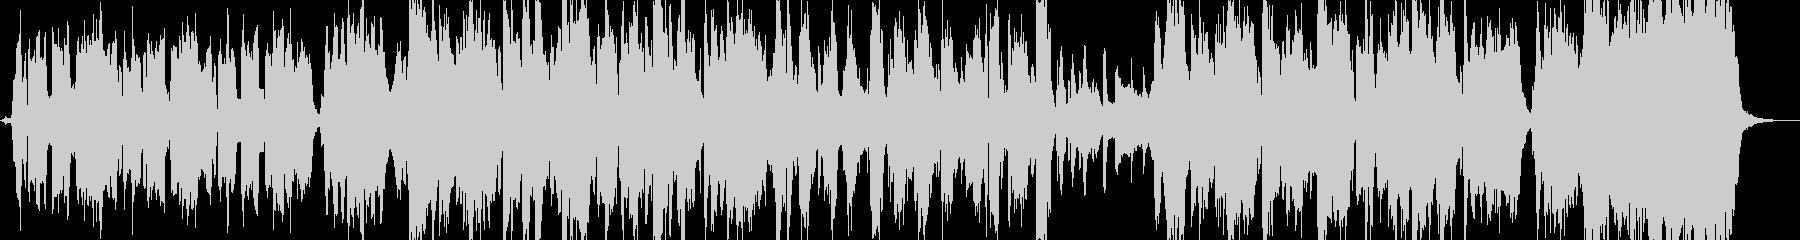 ドゥーワップのアカペララヴソングの未再生の波形